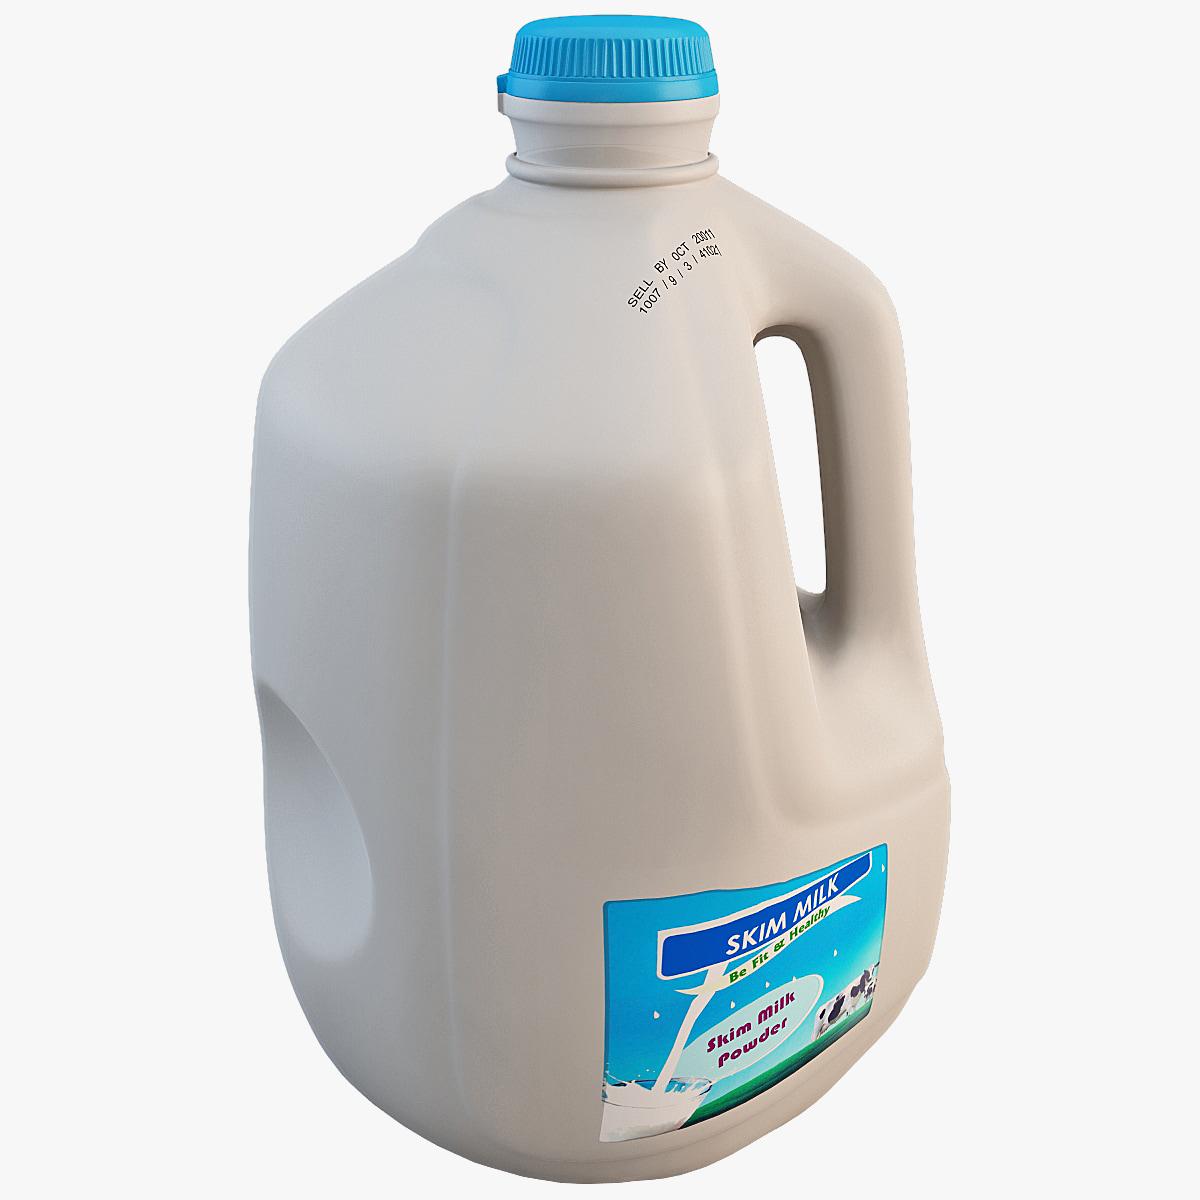 Plastic_Milk_Bottle_000_1.jpg